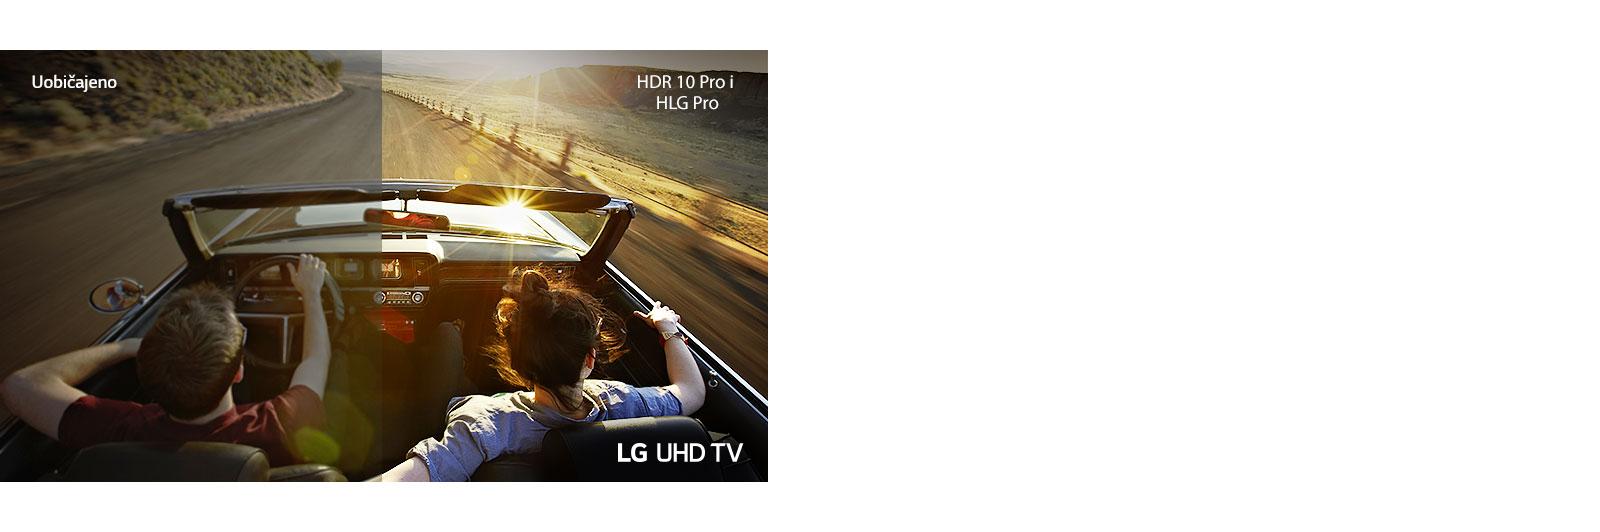 Par u automobilu koji se vozi niz cestu. Jedna polovica prikazana je na uobičajenom zaslonu slabe kvalitete slike. Druga polovica prikazana je na zaslonu televizora LG UHD bistre i raskošne kvalitete slike.